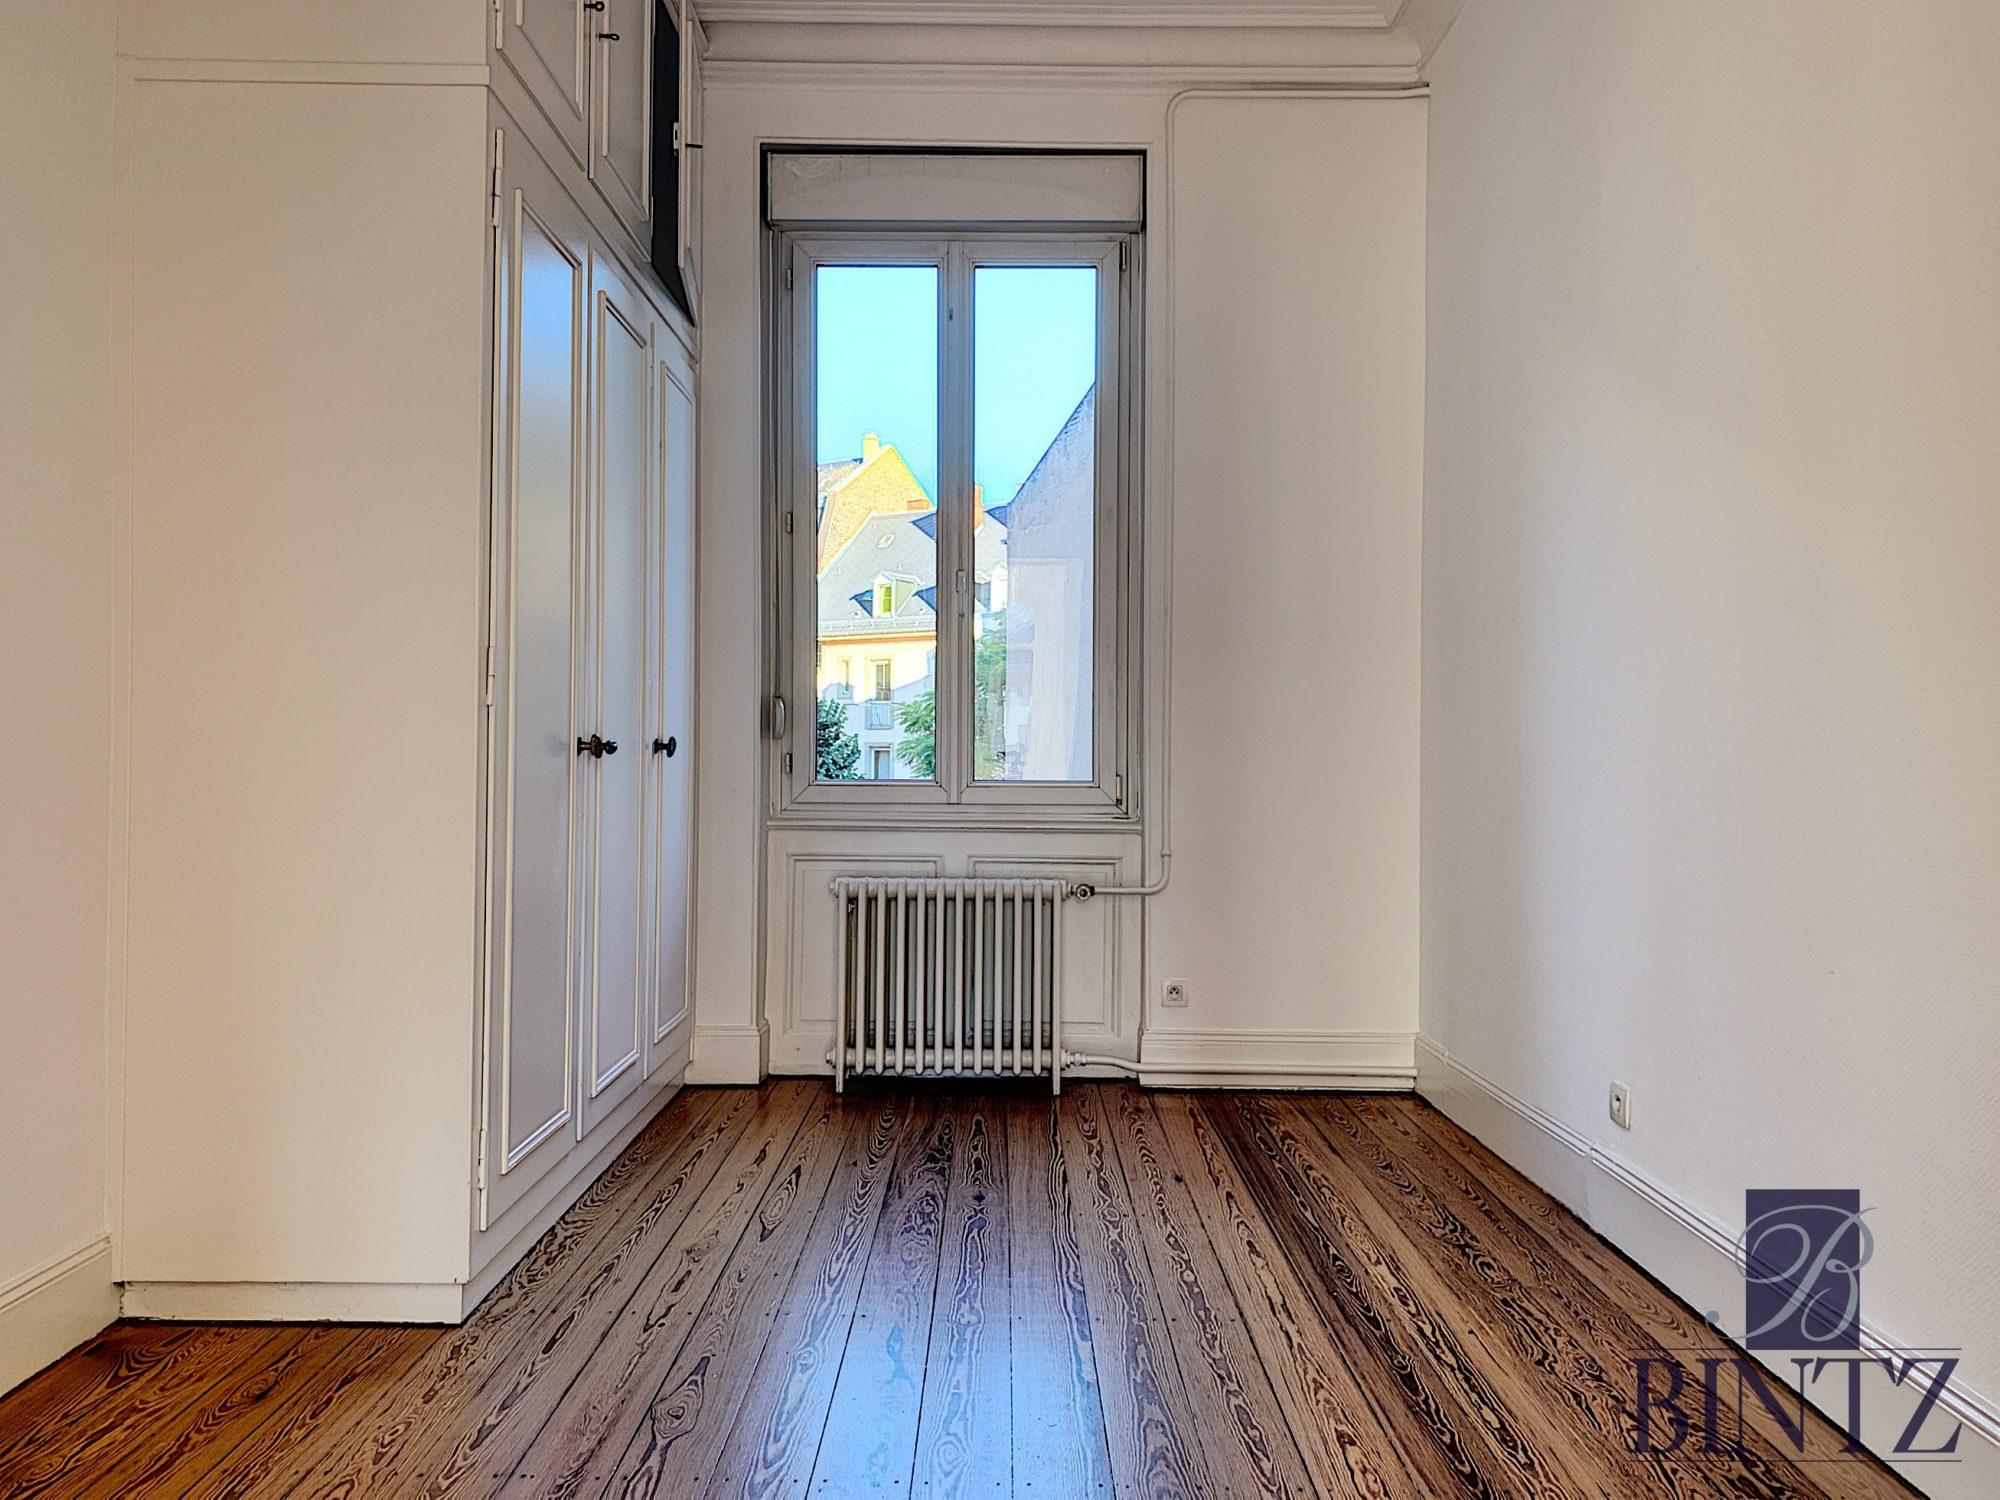 Exceptionnel 6pièces au Coeur de la NEUSTADT - Devenez locataire en toute sérénité - Bintz Immobilier - 13